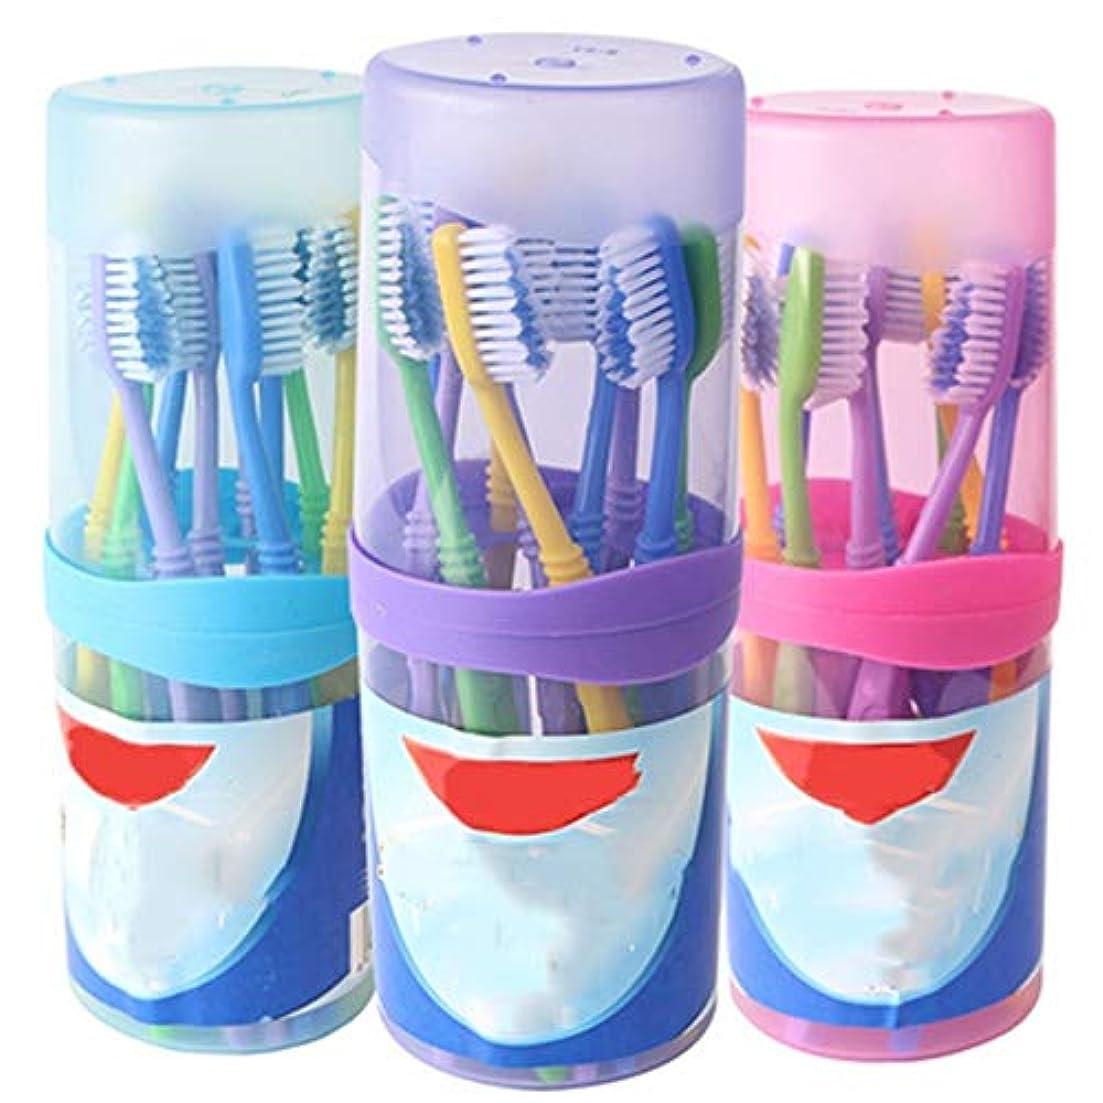 水っぽい収入荒れ地歯ブラシ 30本の歯ブラシ、バルク大人歯ブラシ、歯茎のためのクリーンタルタルとケア - 使用可能なスタイルの2種類 HL (色 : A, サイズ : 30 packs)